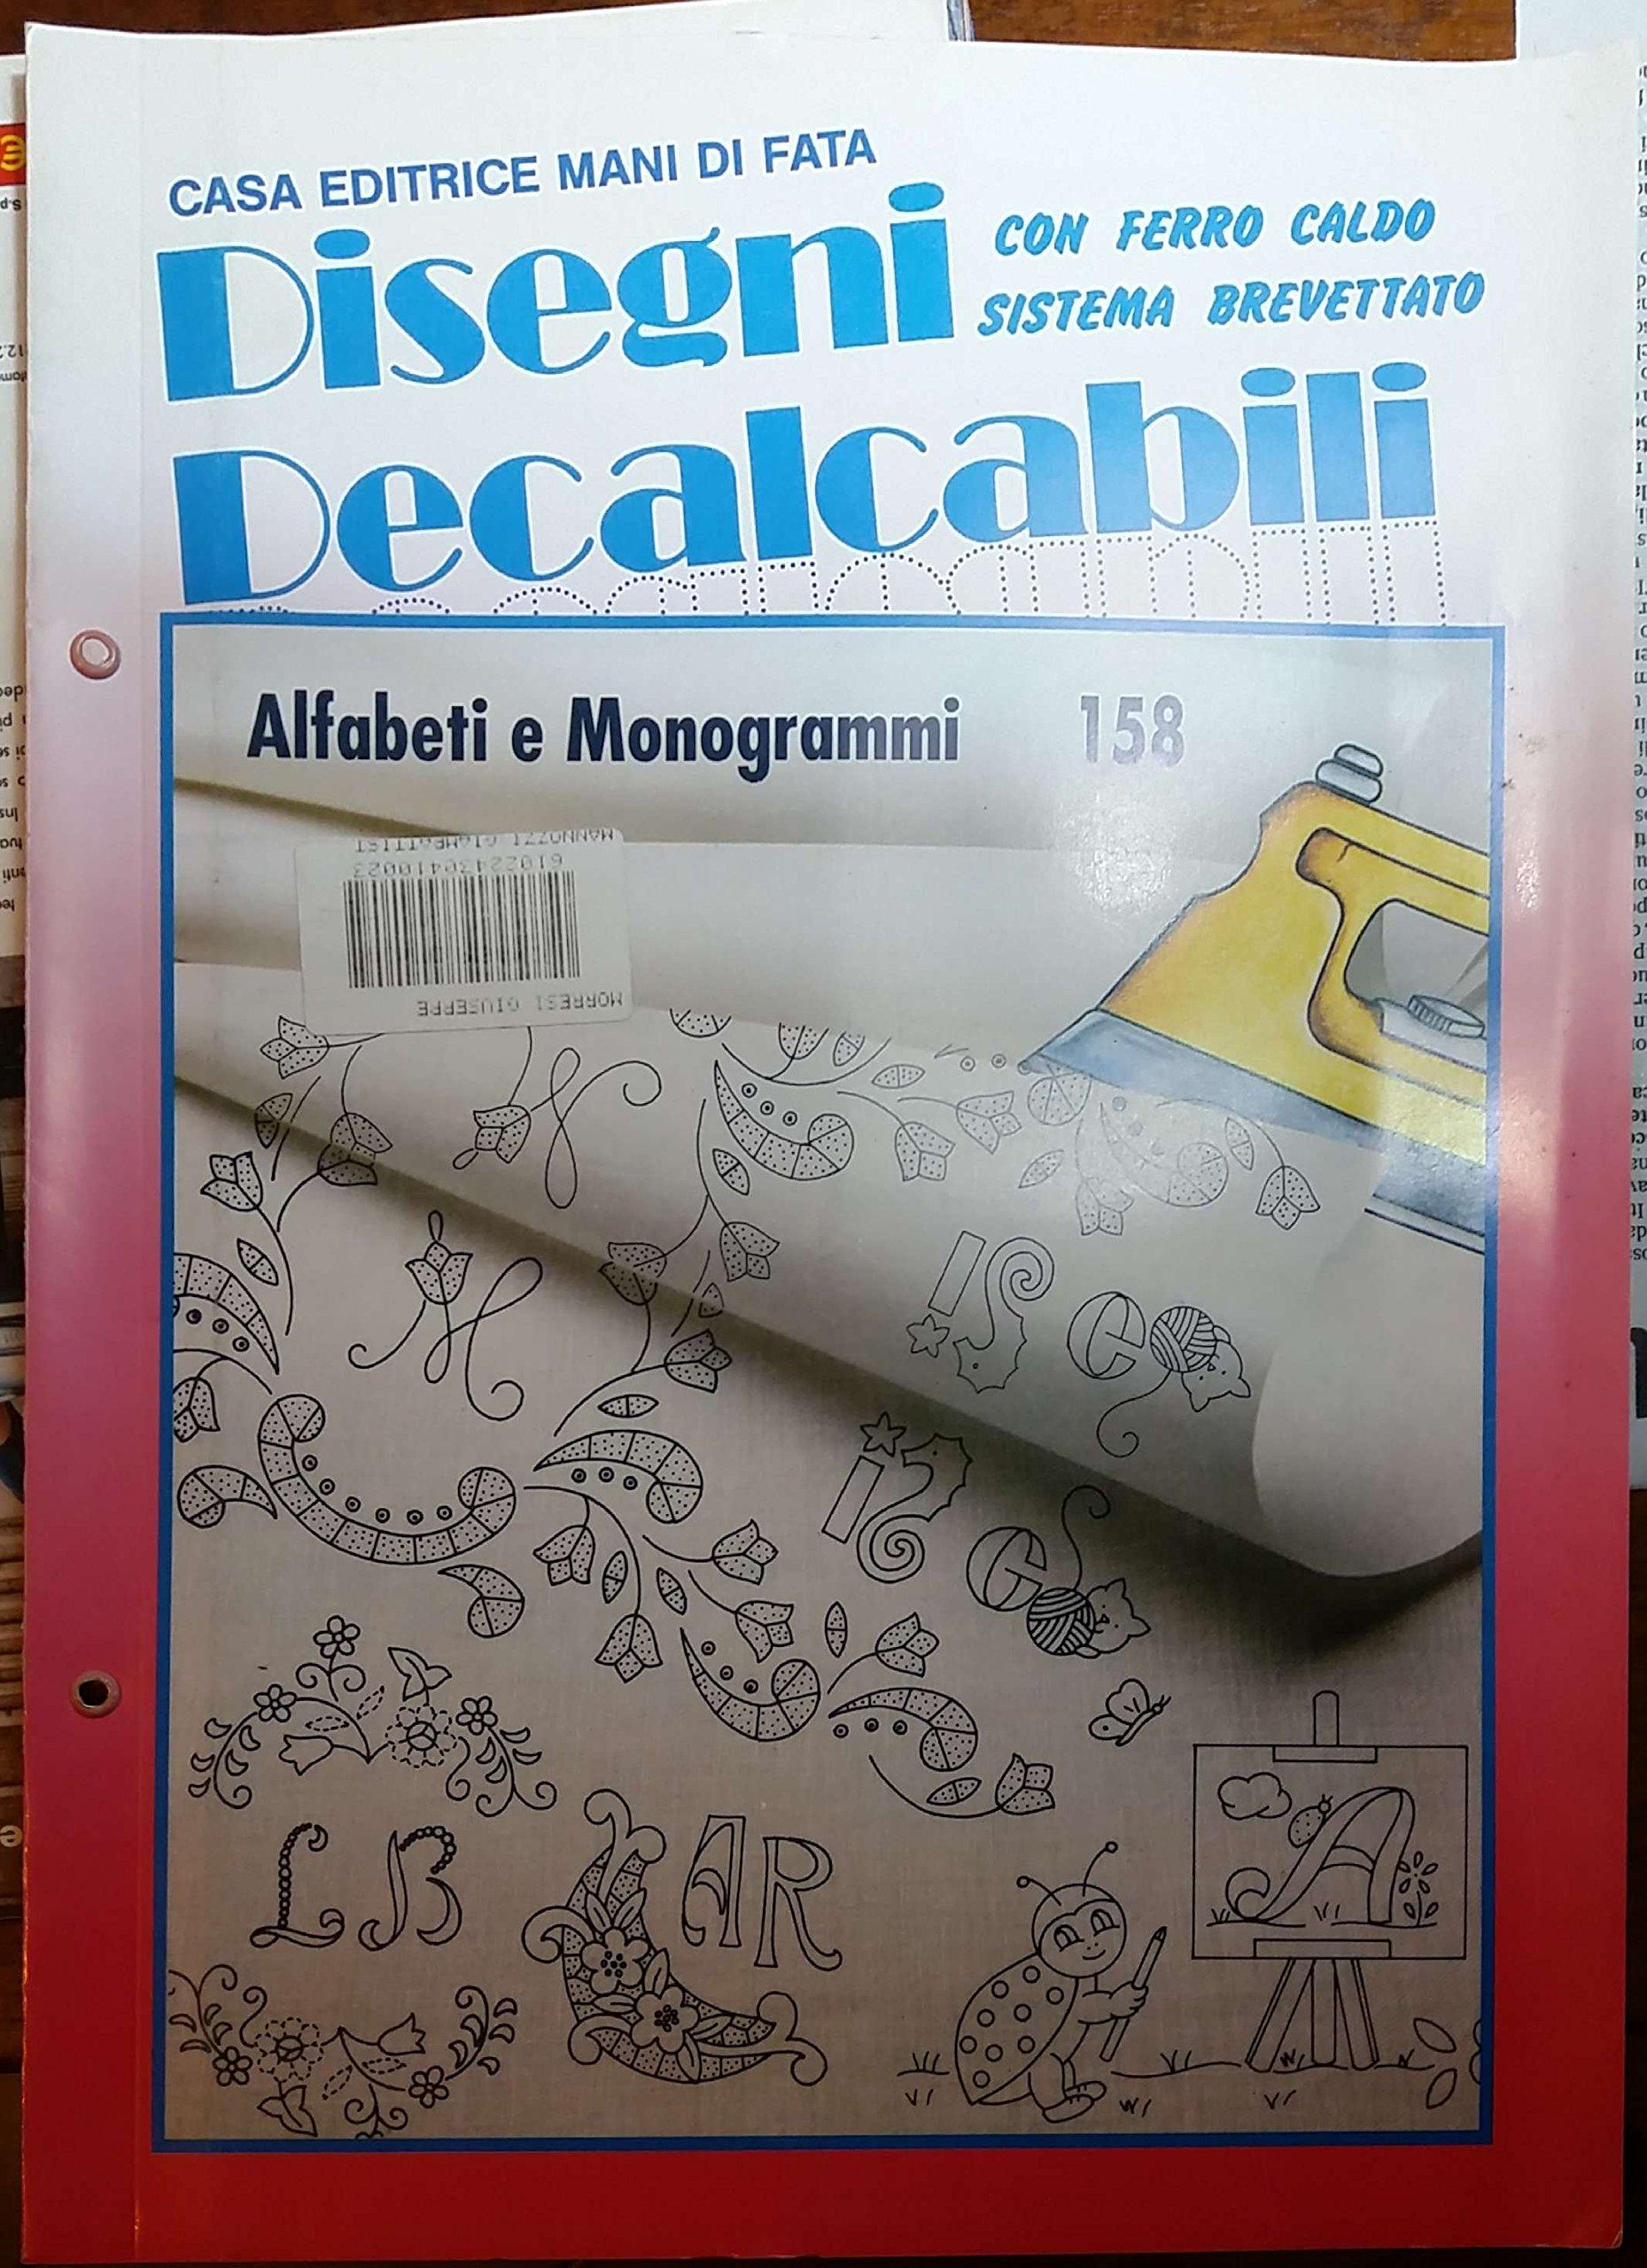 Disegni Decalcabili Per Lenzuolini.Amazon It Disegni Decalcabili 247 Speciale Corredini E